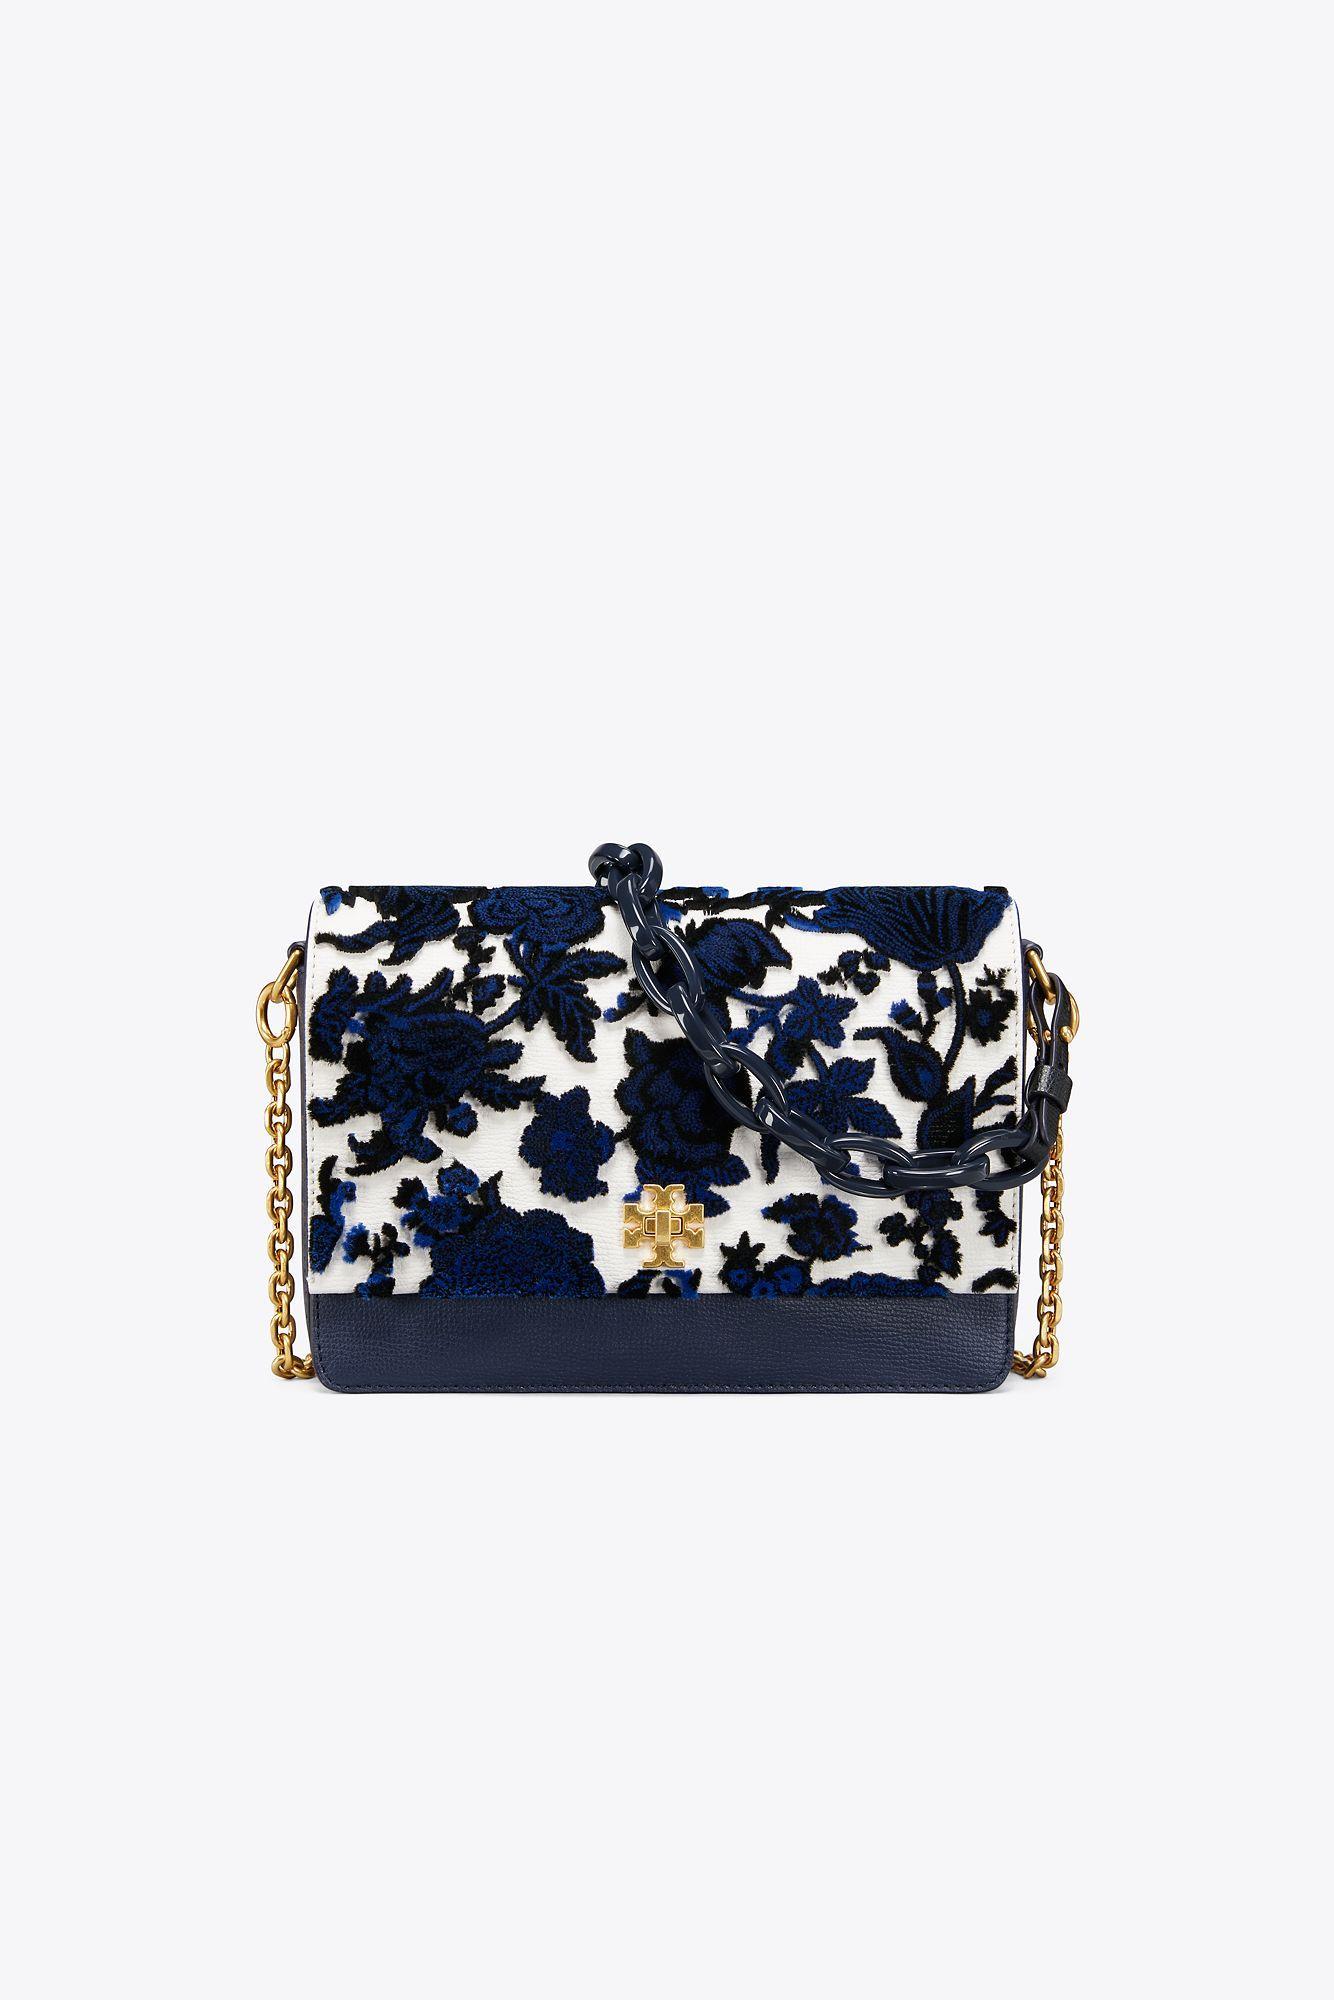 c245f600e91 Lyst - Tory Burch Kira Fil Coupe Shoulder Bag in Blue